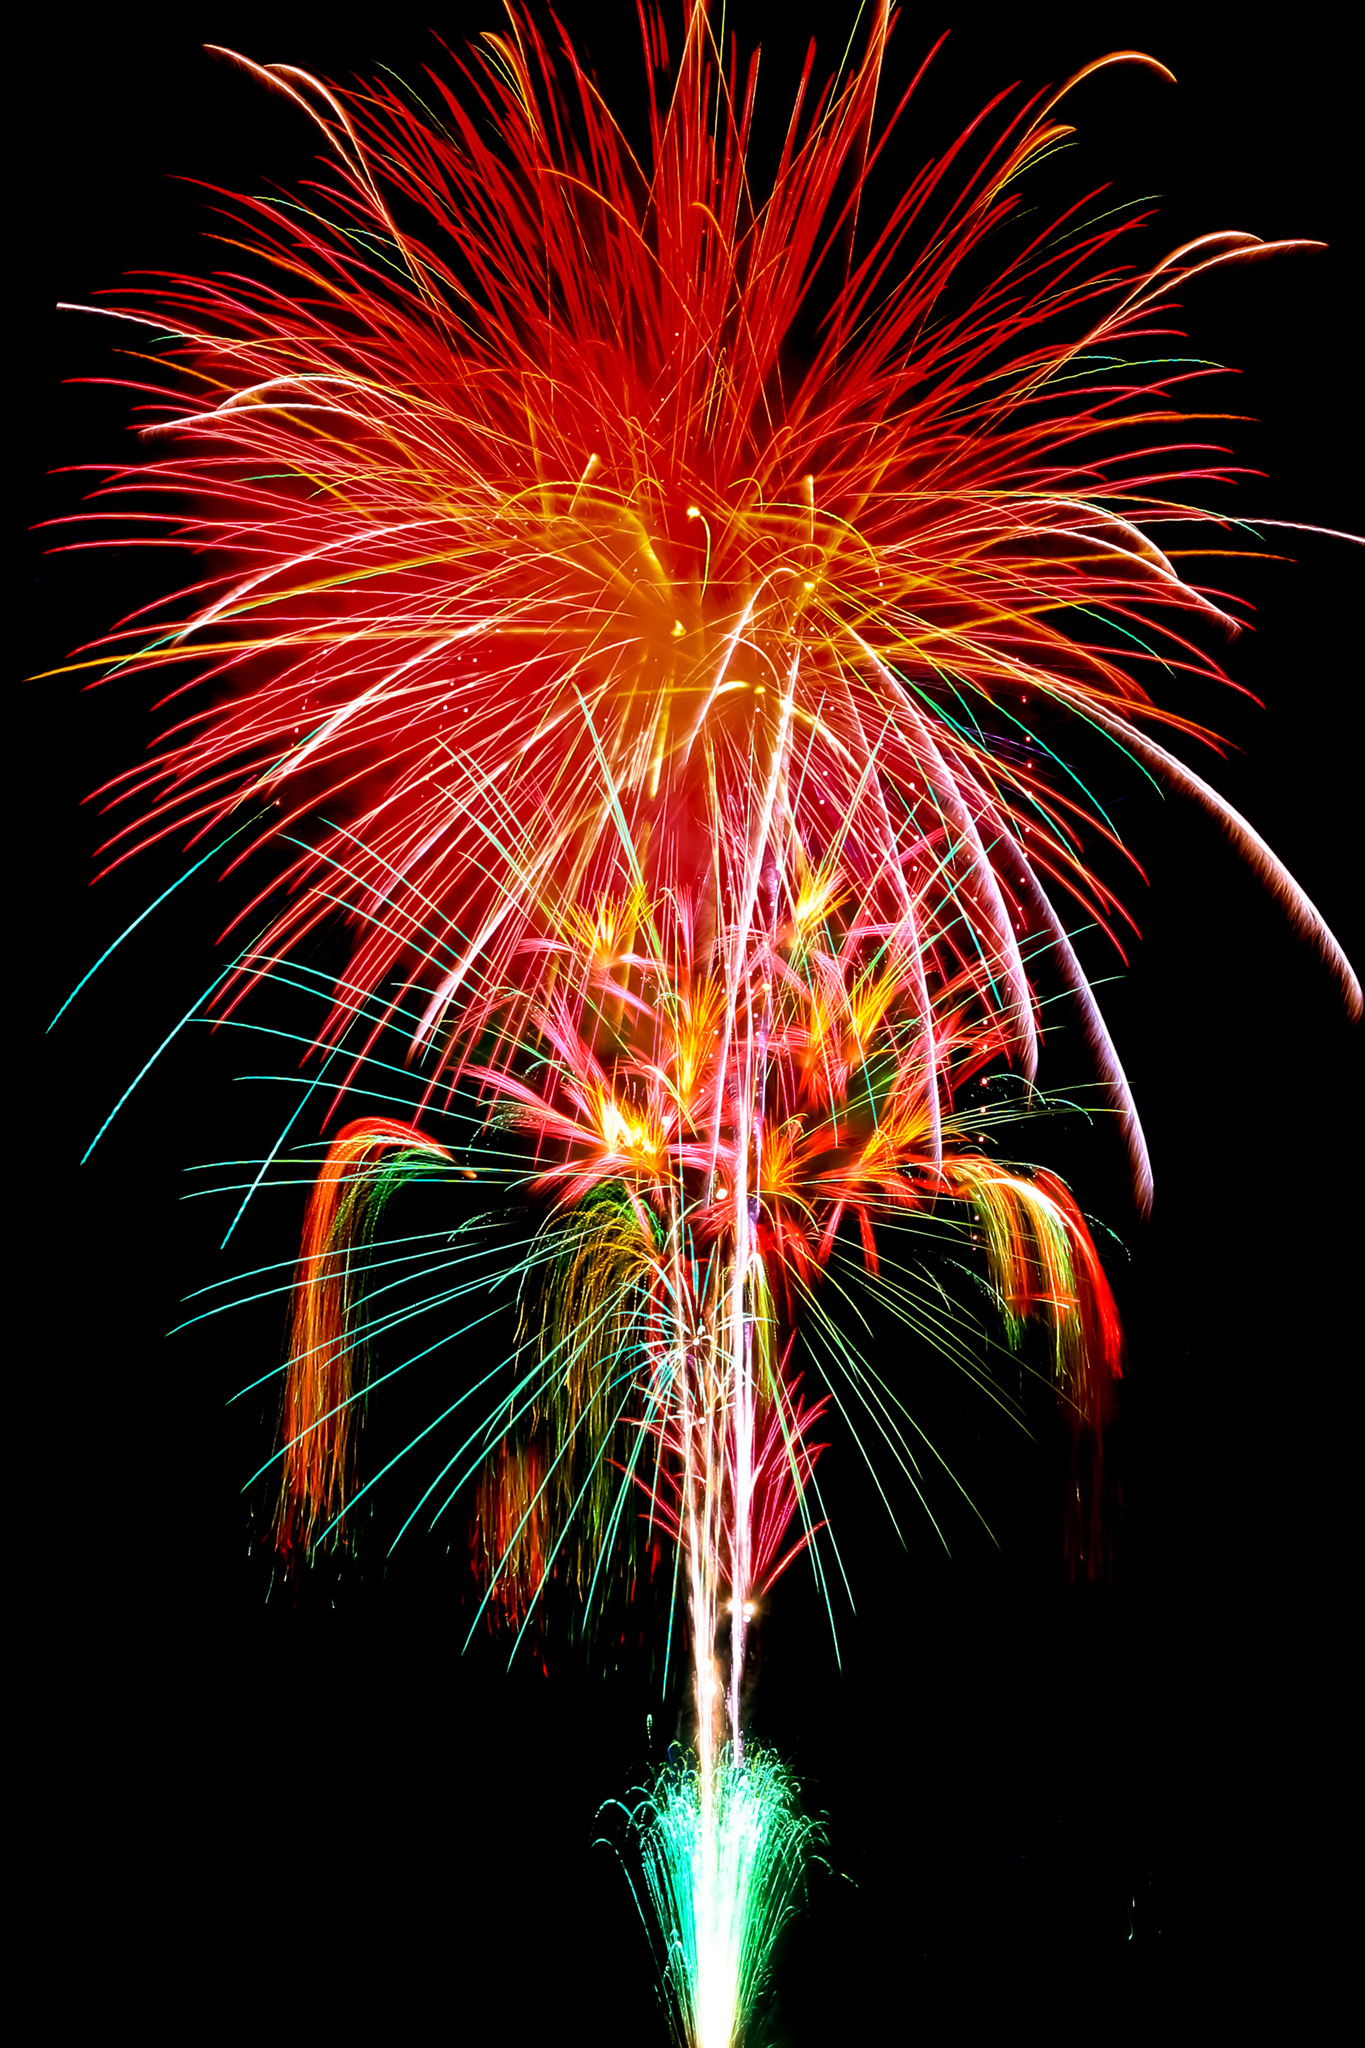 「打ち上がる赤い花火」